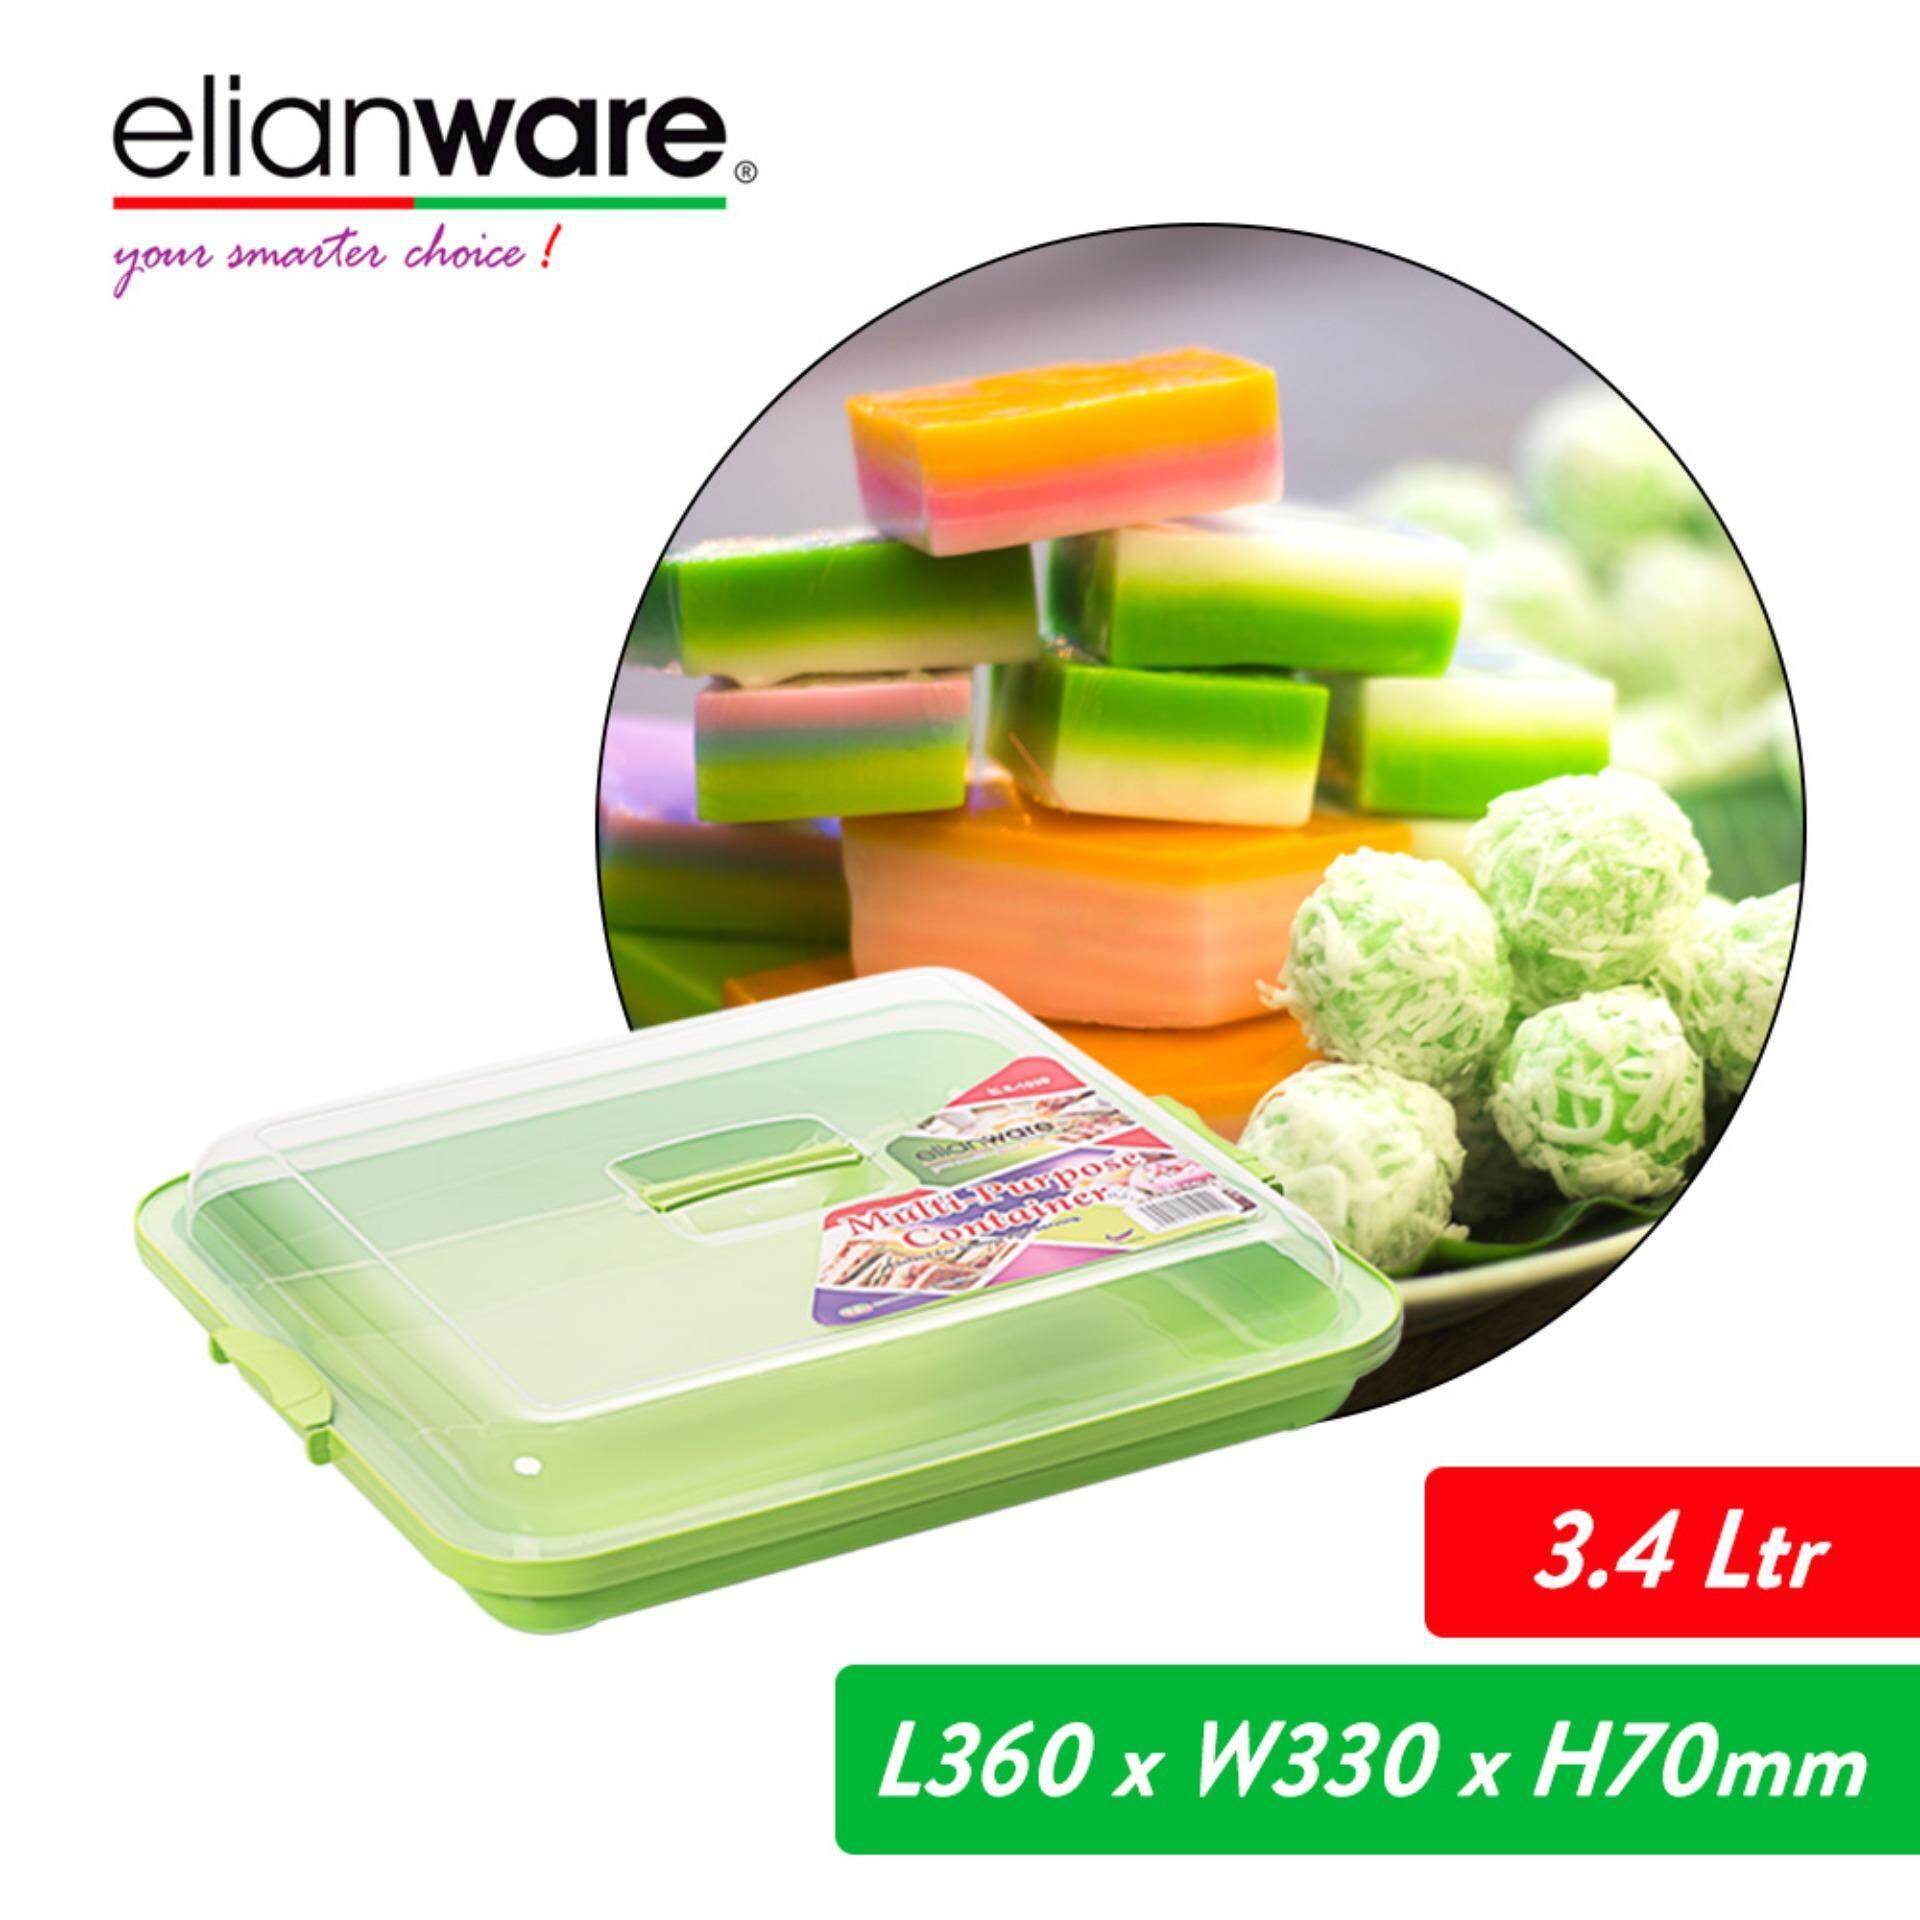 Elianware 3.4 Ltr BPA Free Kuih Muih Serving Tray Dulang with Cover Bekas Kuih Raya